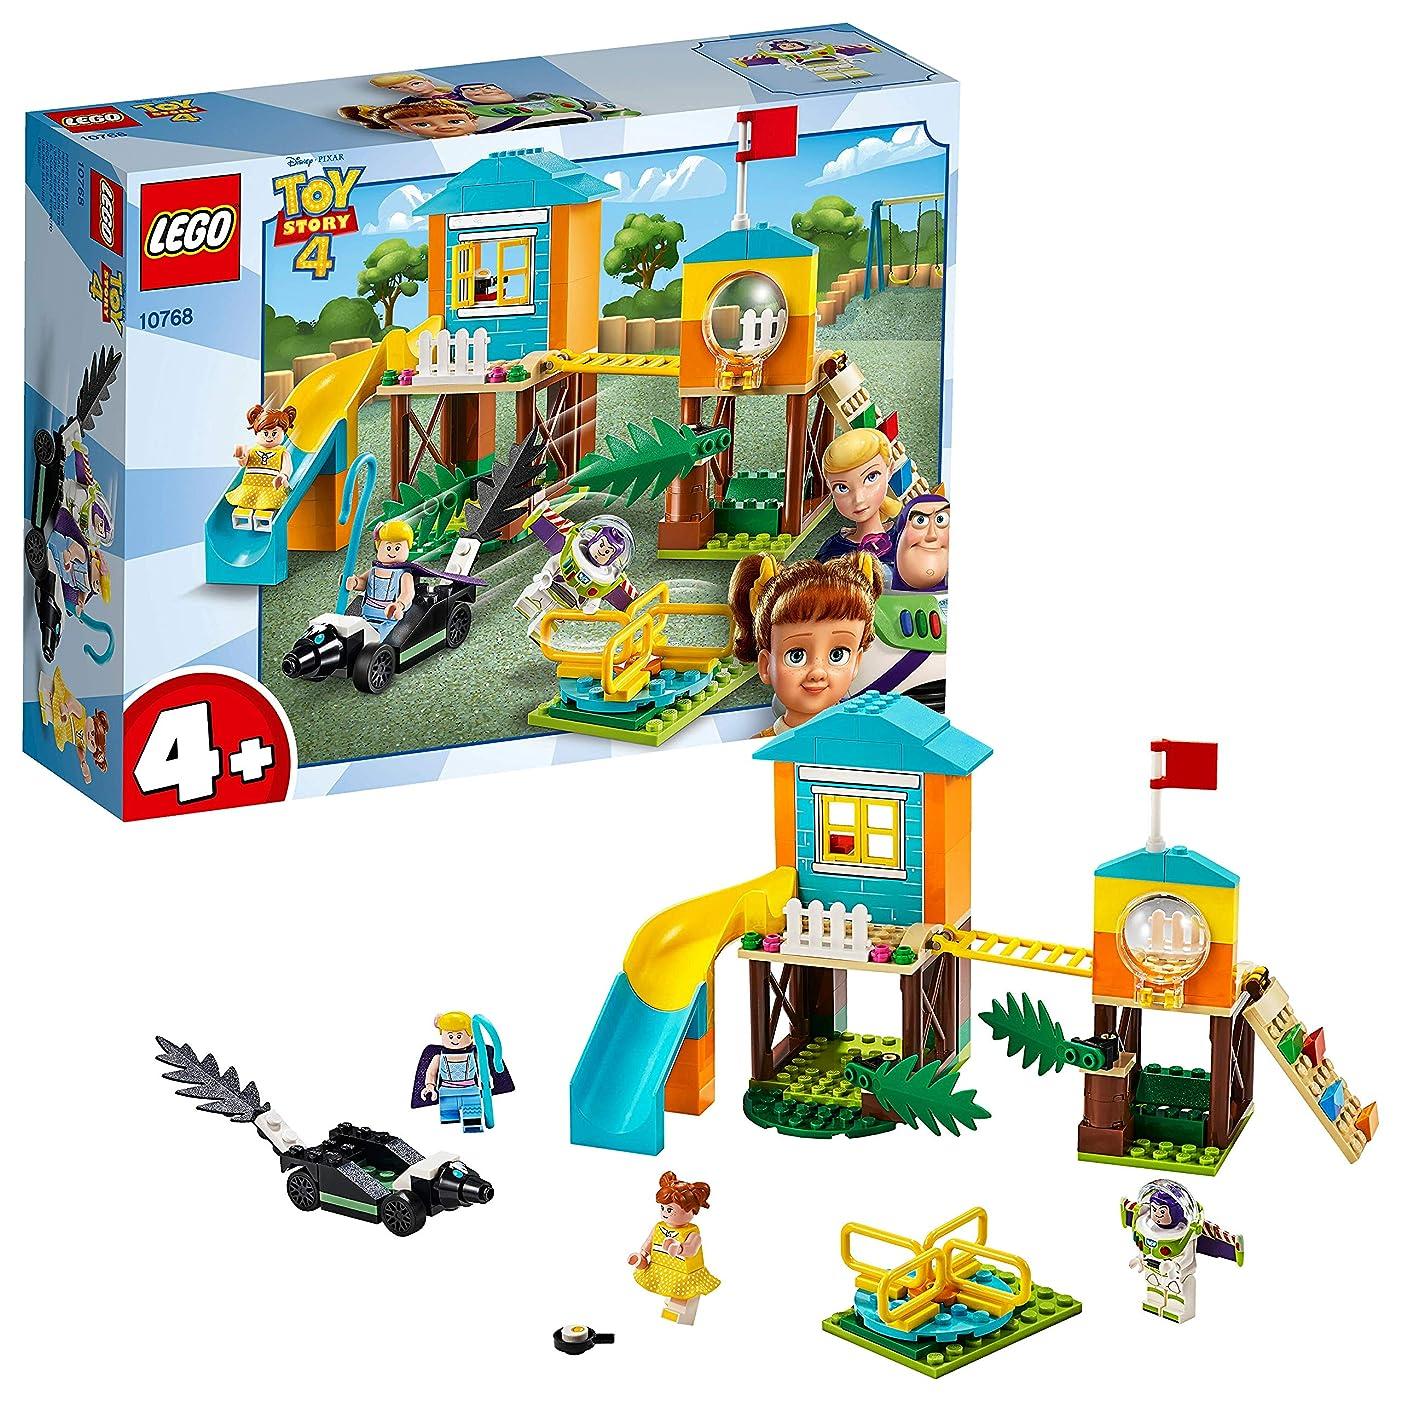 人差し指本体医療のレゴ(LEGO) トイストーリー4 バズ&ボー?ピープの遊び場の冒険 10768 ディズニー ブロック おもちゃ 女の子 男の子